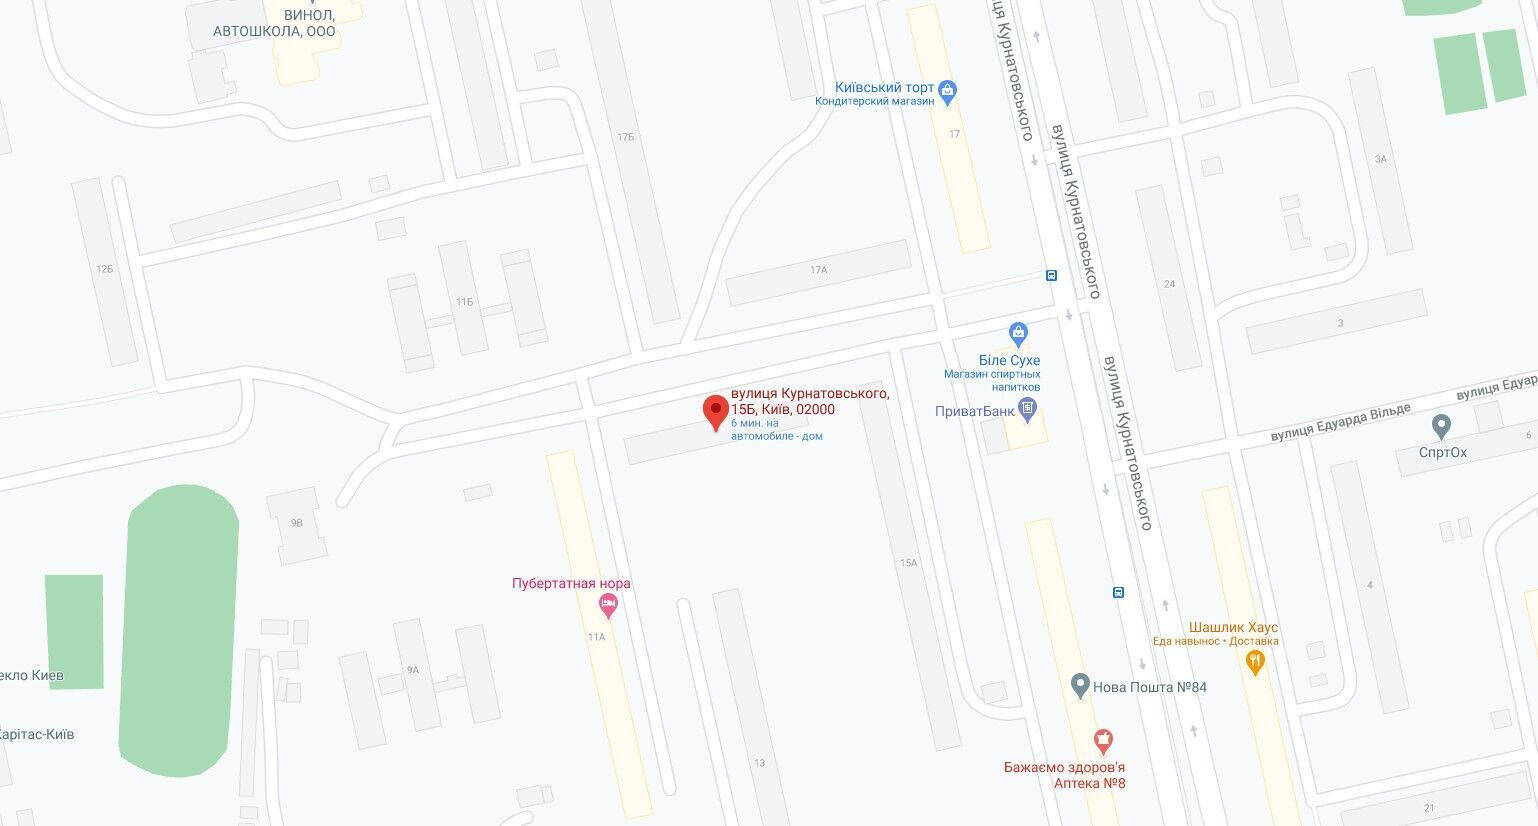 ДТП сталася на вулиці Курнатовського